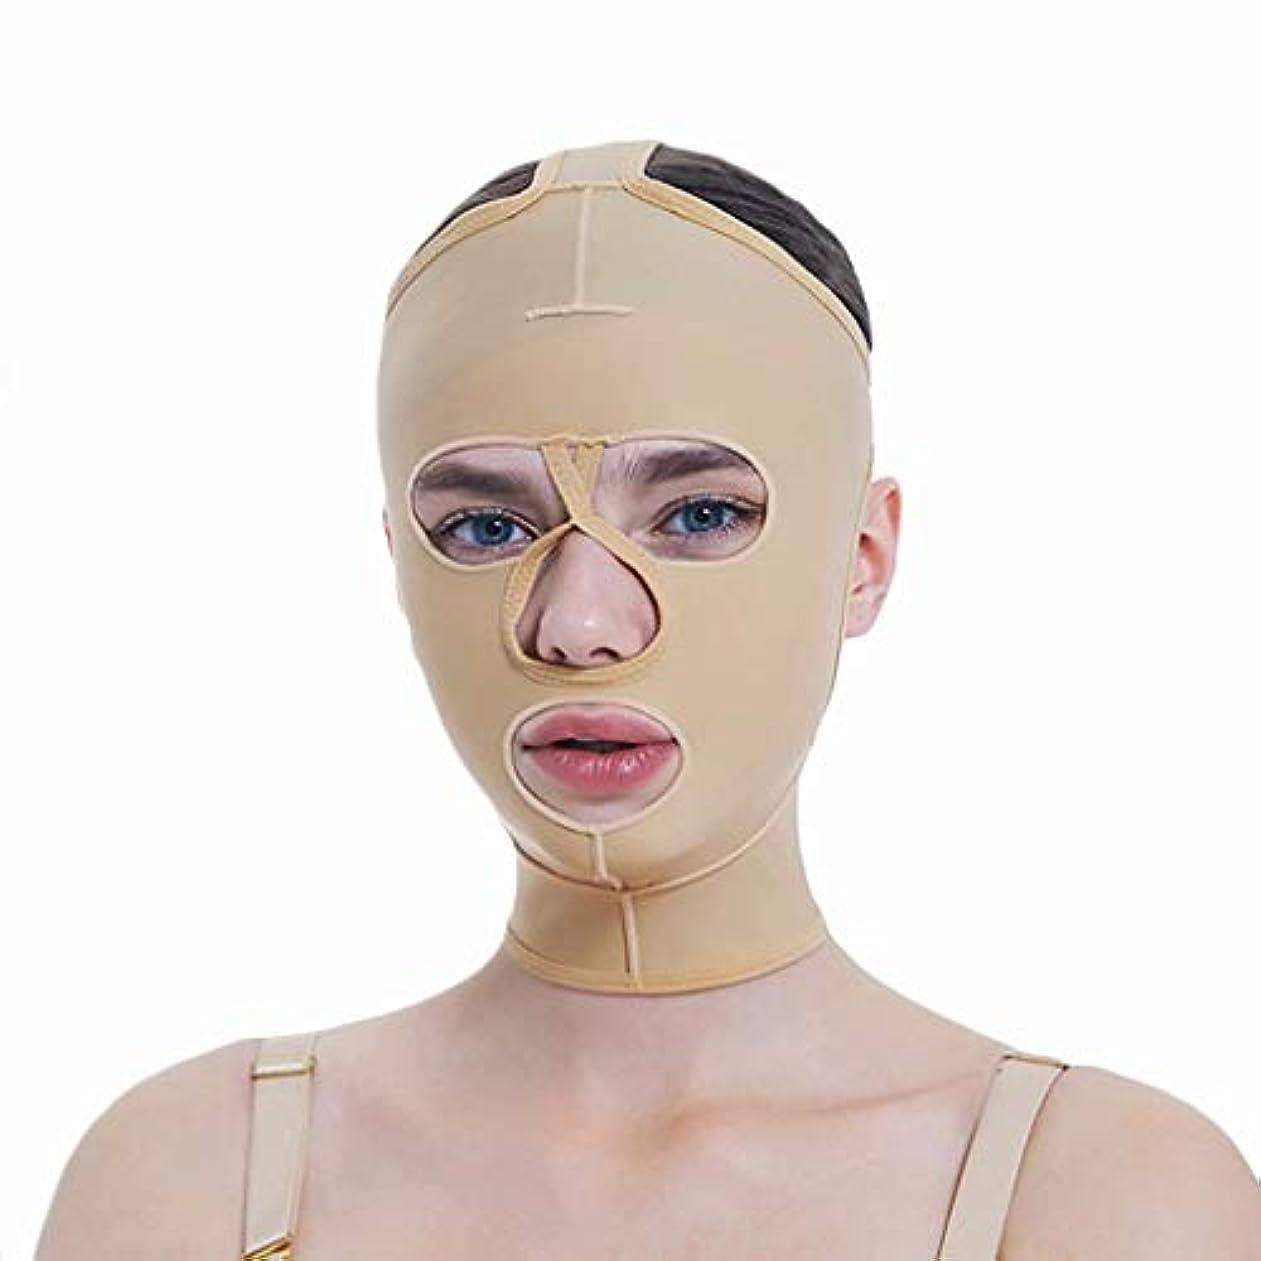 アラビア語オートマトンメールフェイシャル減量マスク、フルカバレッジ包帯、フルフェイスリフティングマスク、フェイスマスク、快適で リフティングシェーピング(サイズ:S),XXL